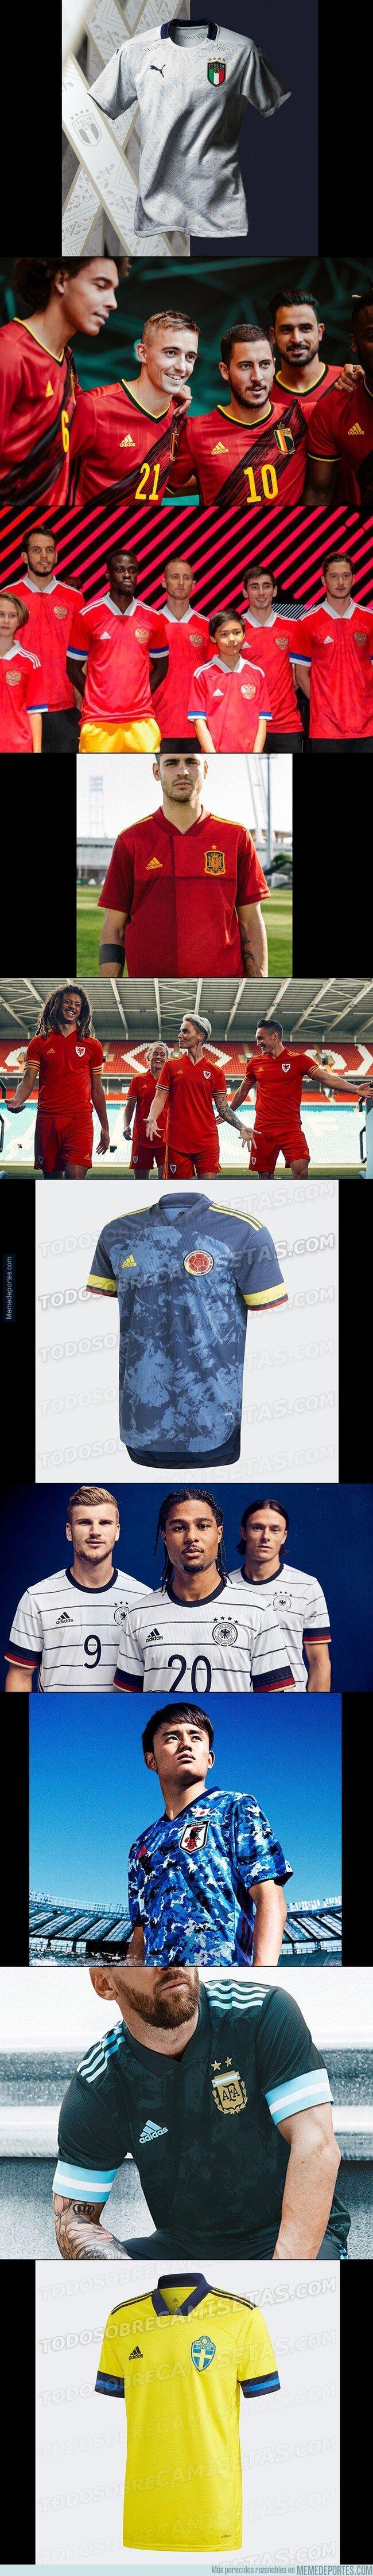 1090784 - Aquí las nuevas camisetas de selecciones para 2020. Haz tu TOP 5.